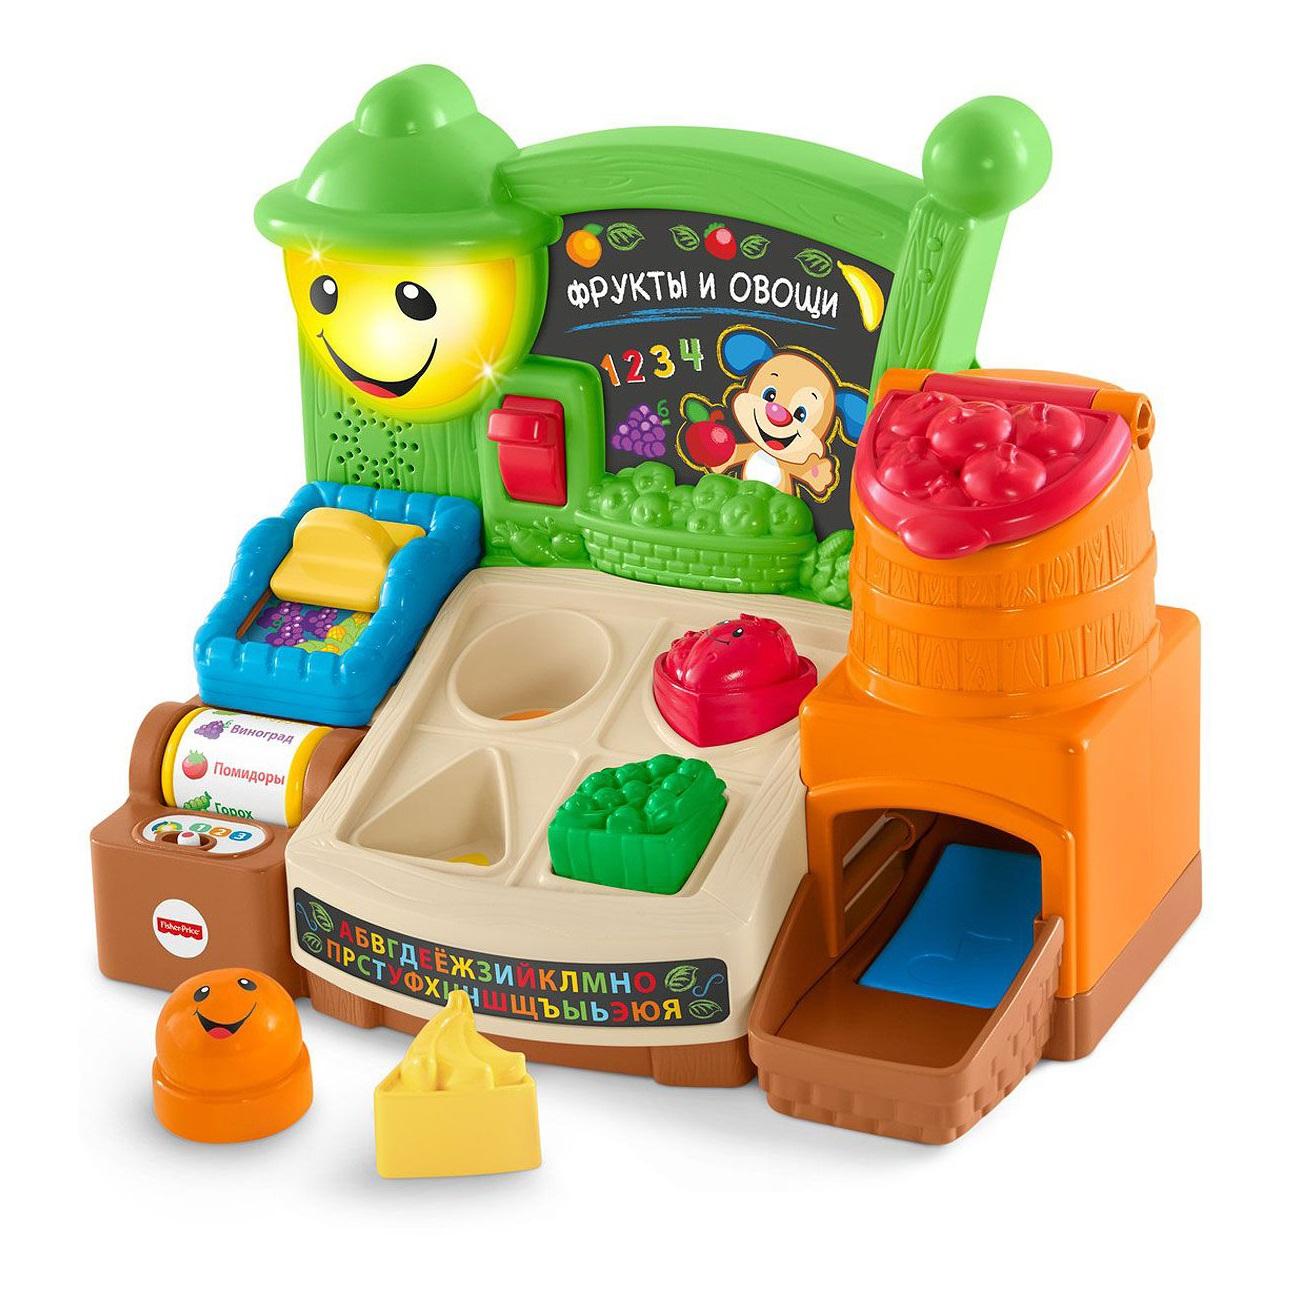 Обучающая игрушка  Прилавок с фруктами и овощами - Сортеры, пирамидки, артикул: 168078